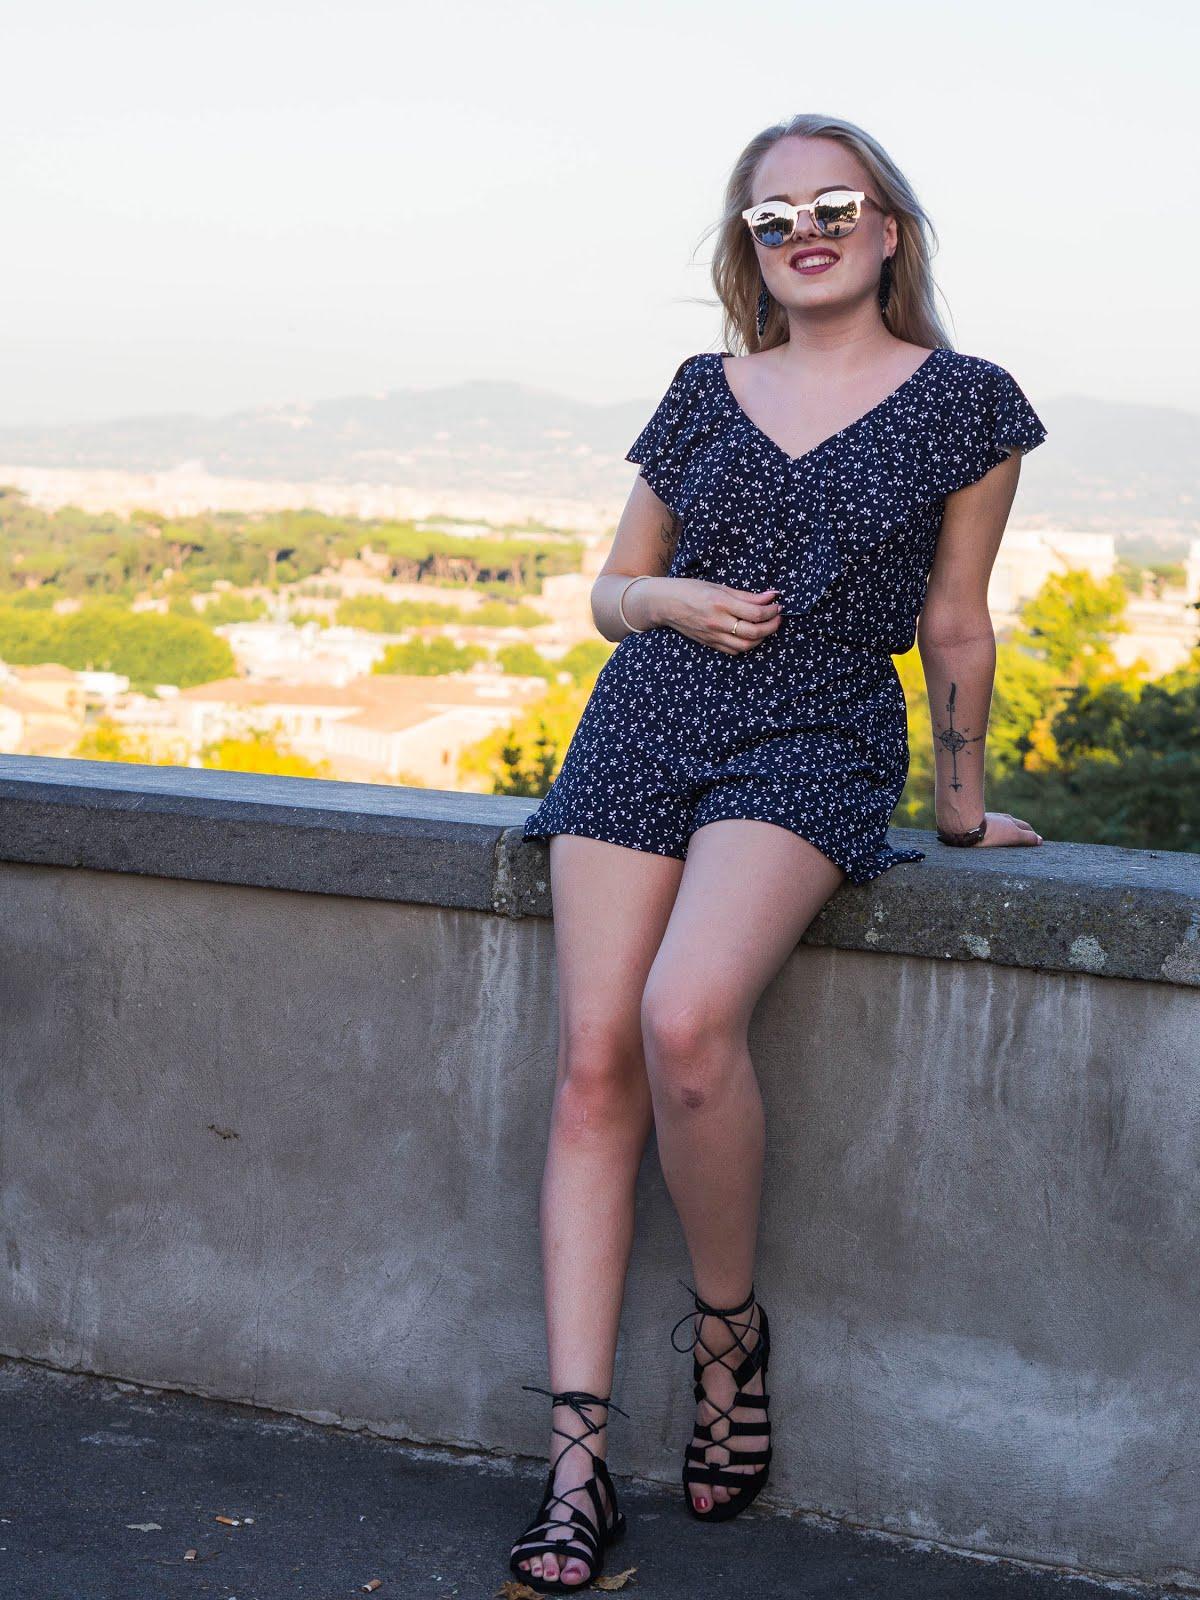 Ellen Saarenoja, 21